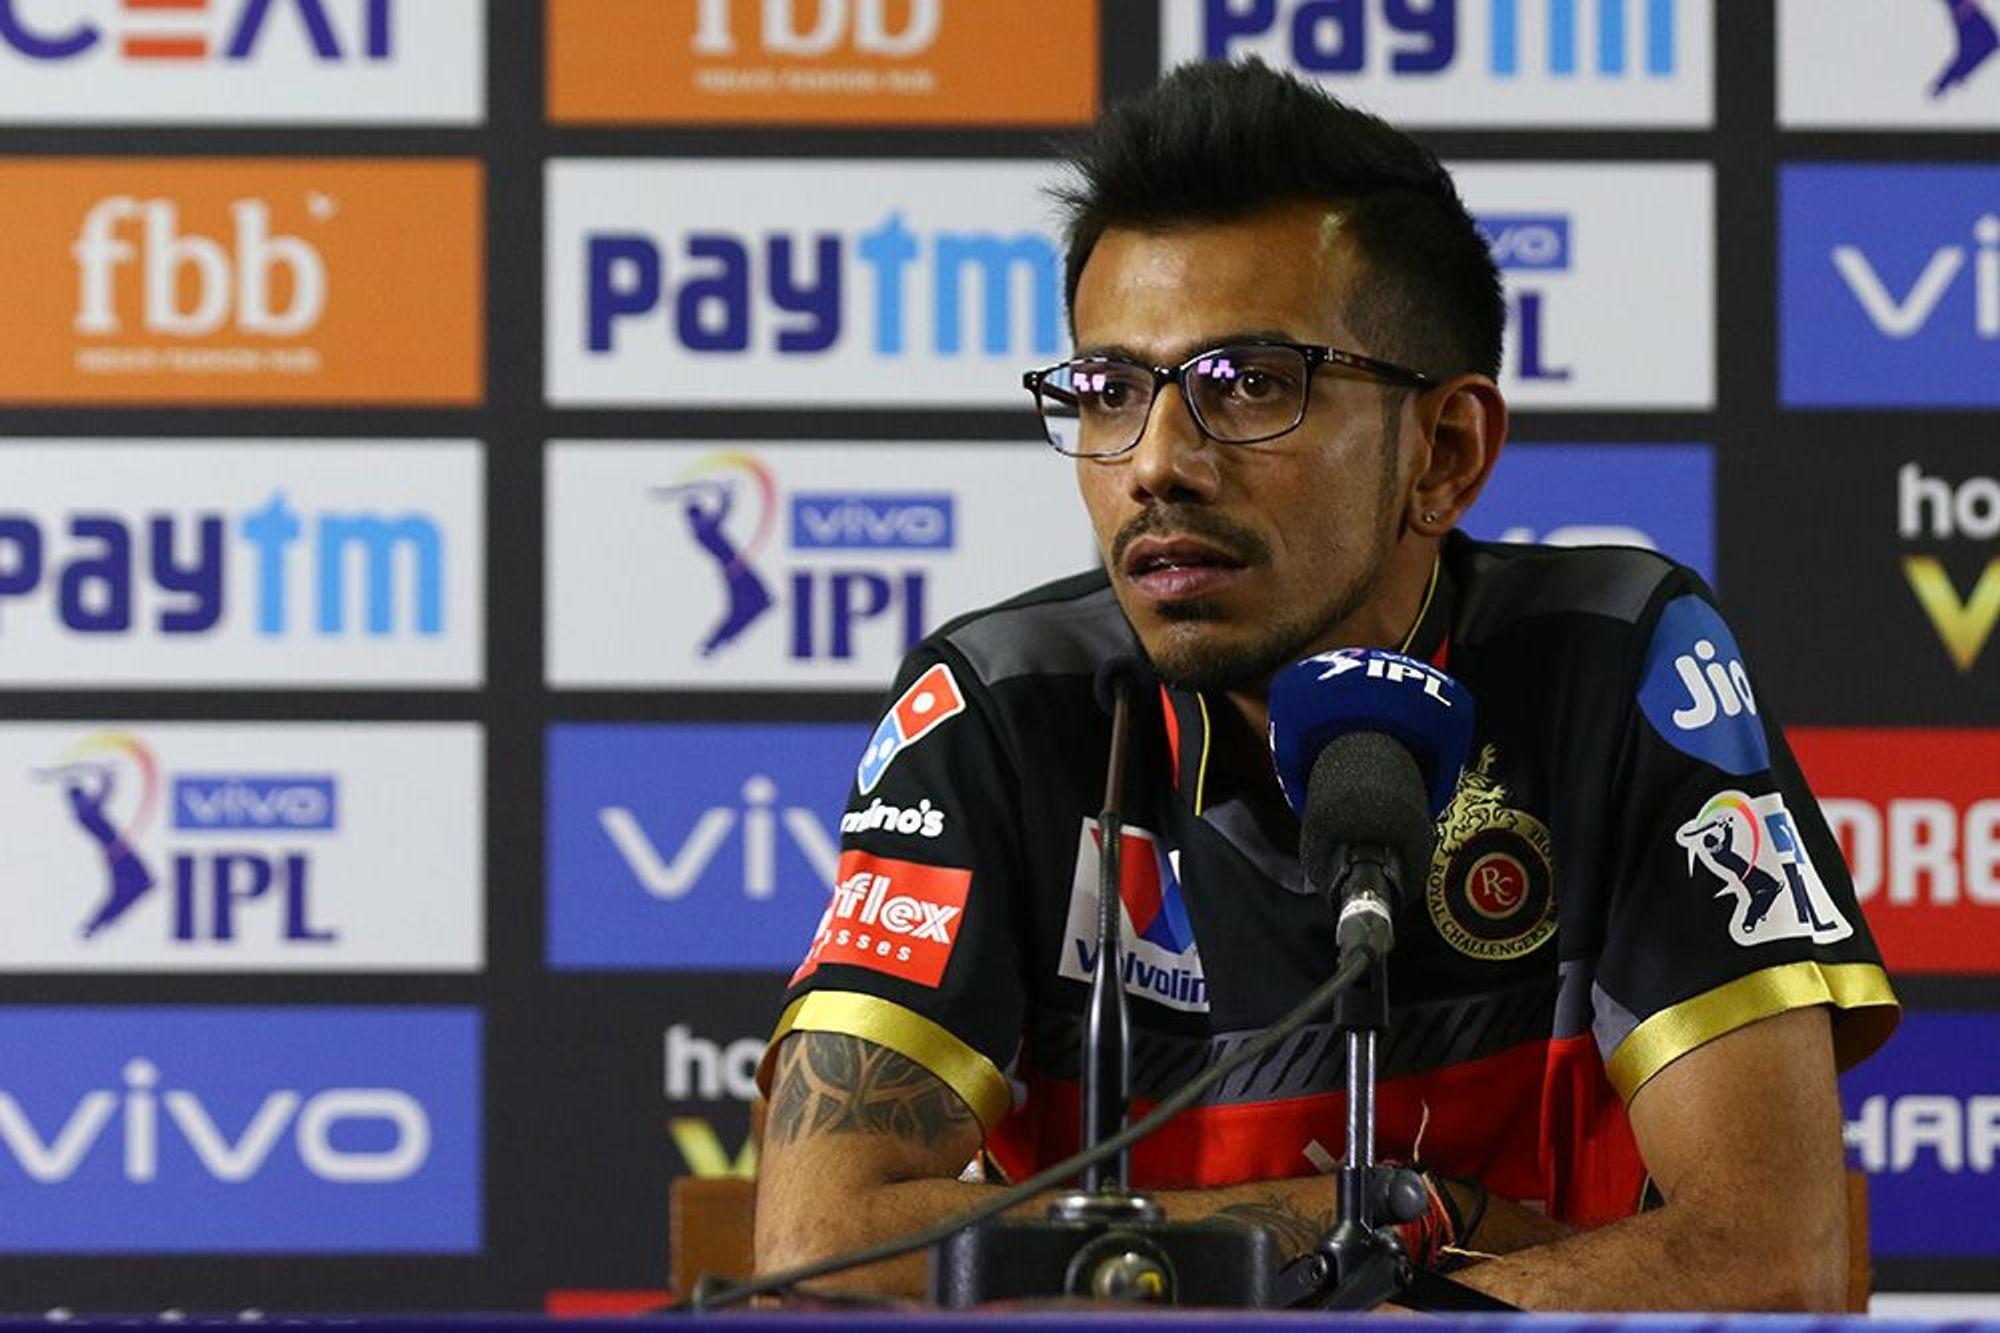 आईपीएल 2019 : युवराज सिंह ने जब लगाए लगातार 3 छक्के तो मैंने स्टुअर्ट ब्रॉड की तरह महसूस किया: युजवेंद्र चहल